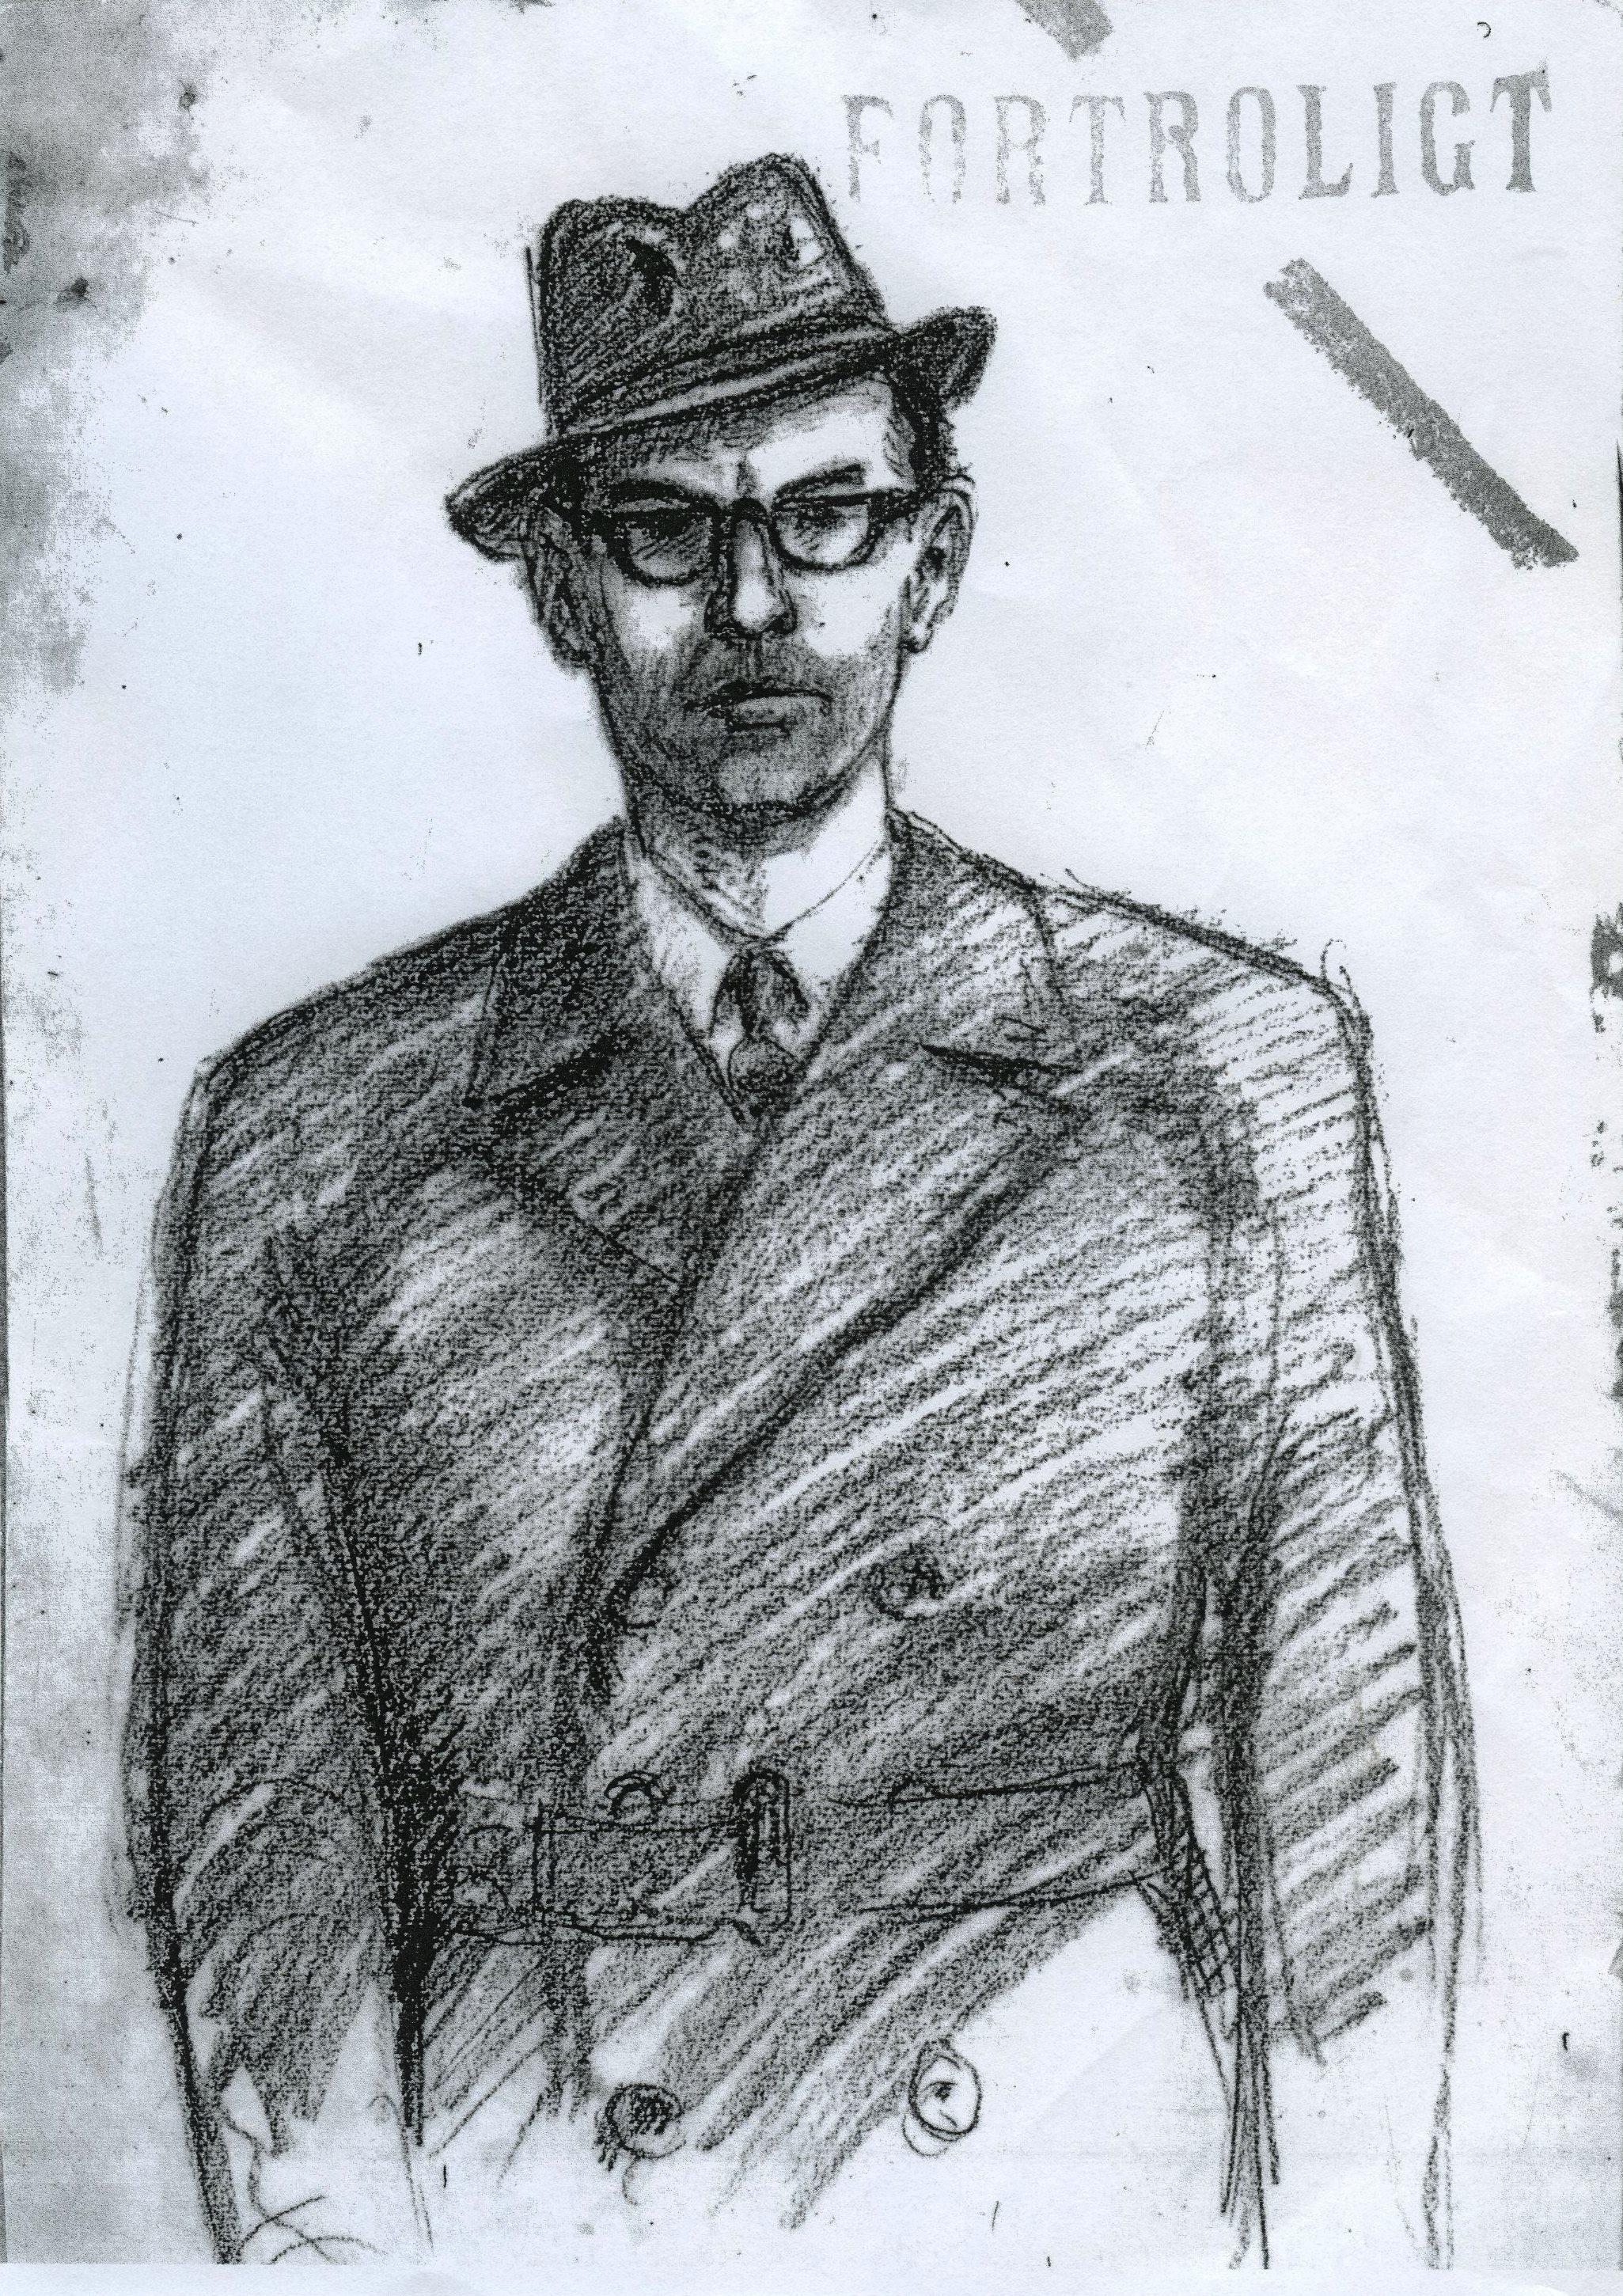 Politiets fantomtegning af den mand, der myrdede Marie Lock-Hansen i 1967 i hendes hjem i Højbjerg, og som aldrig er fundet.